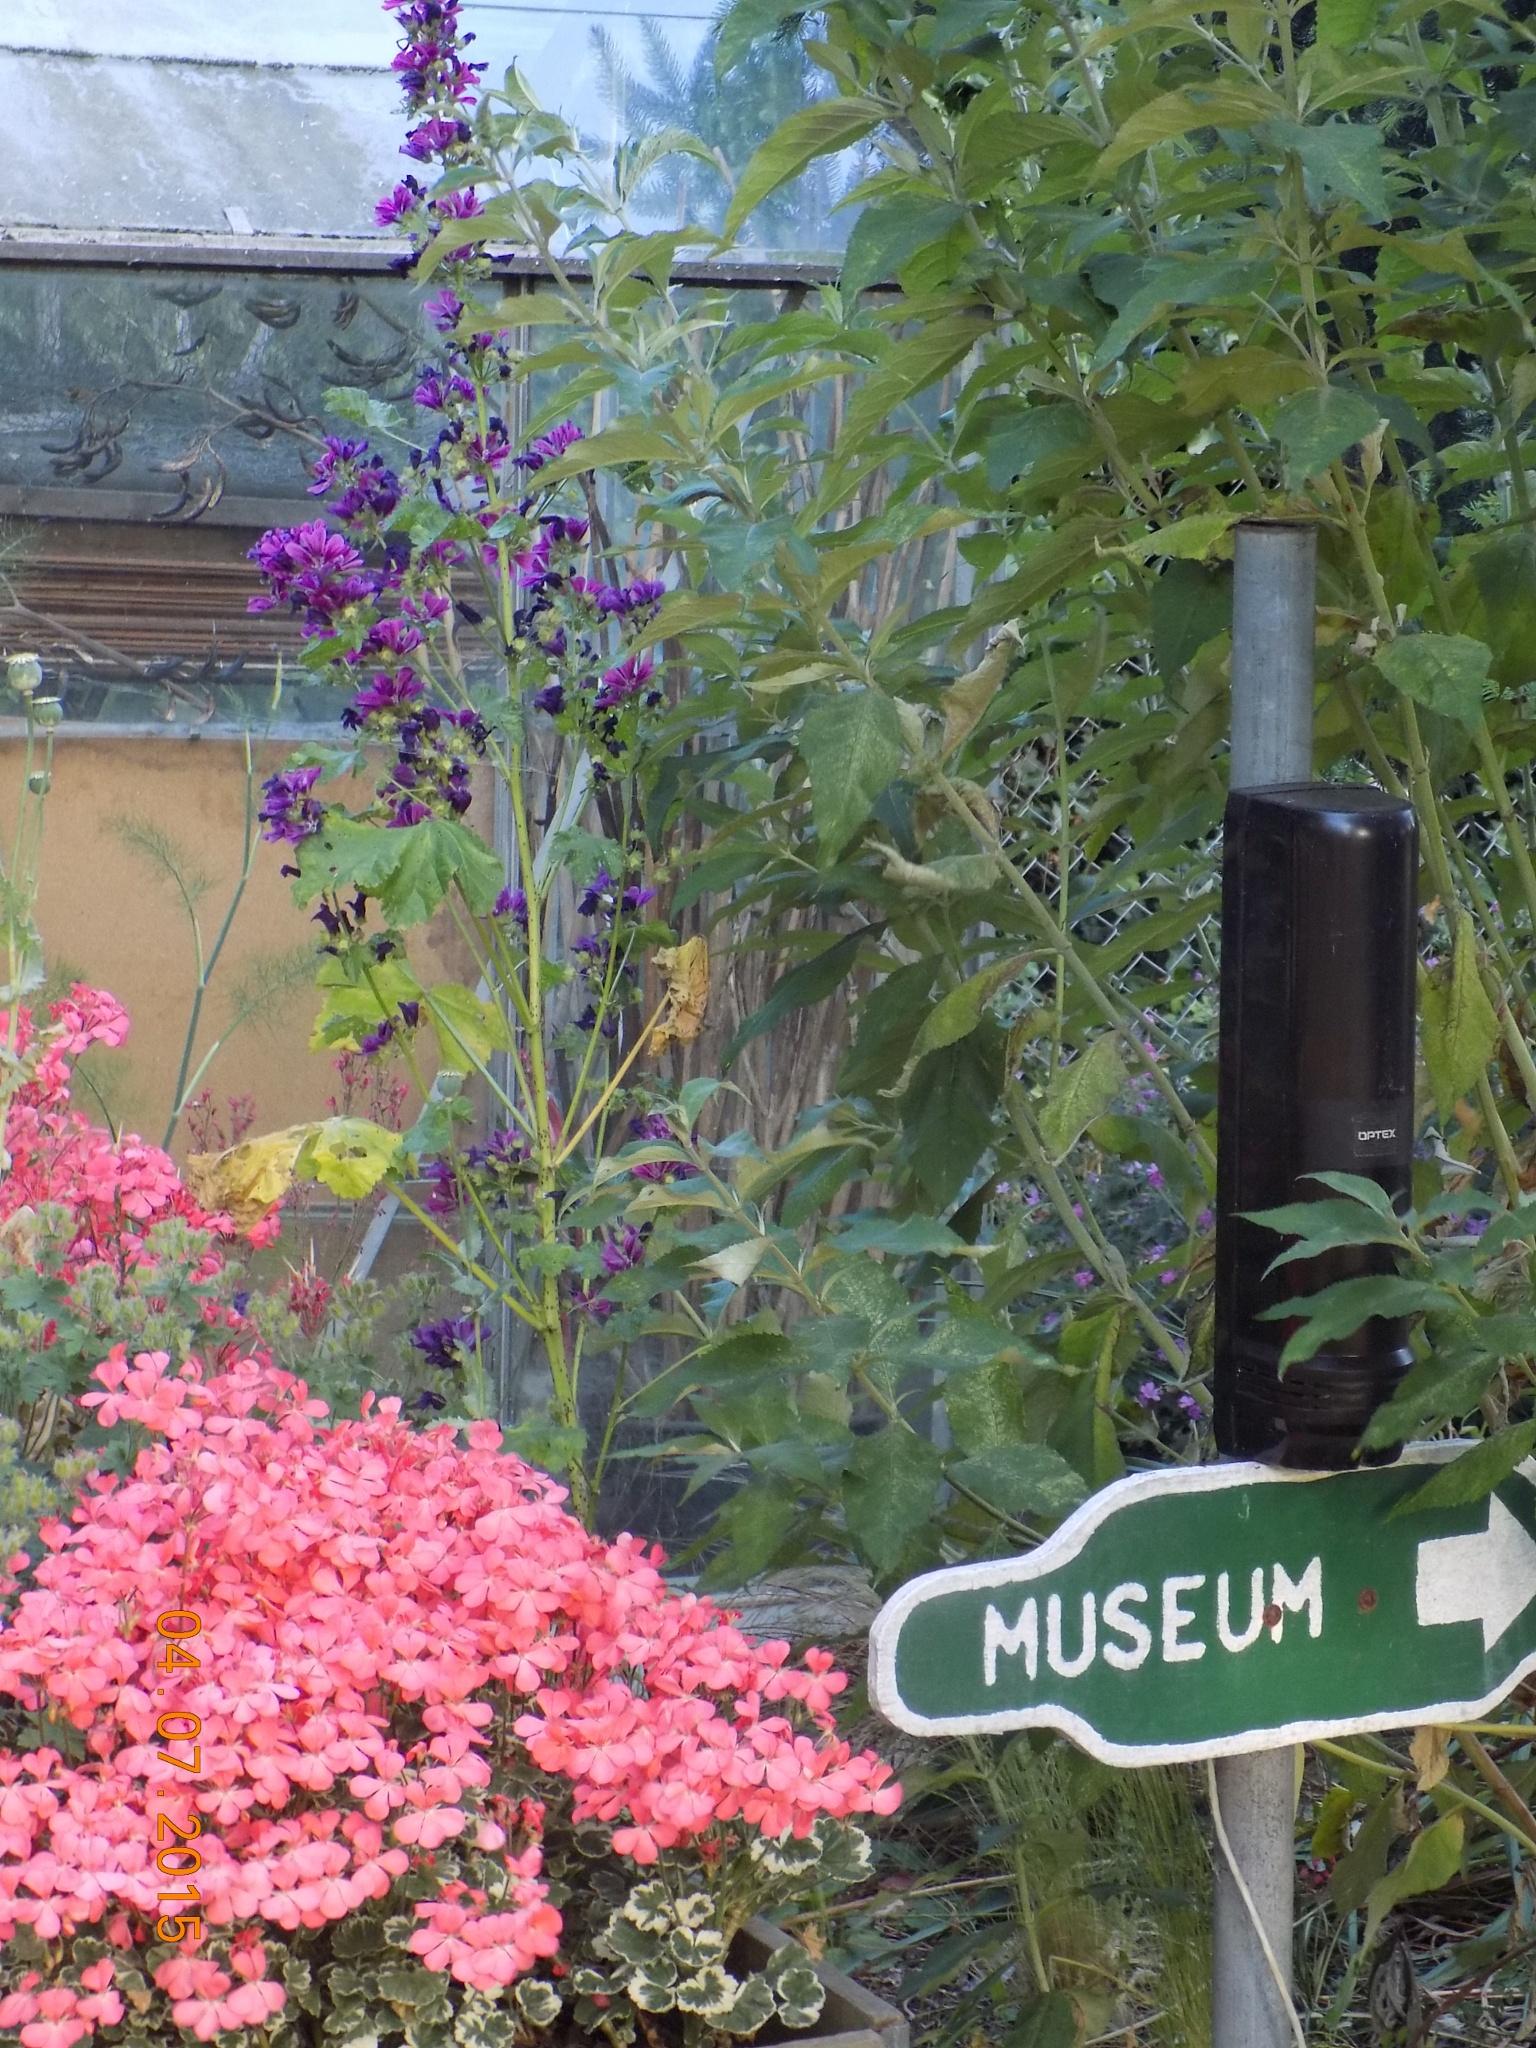 SKLR Museum entrance by Jan Bruniges